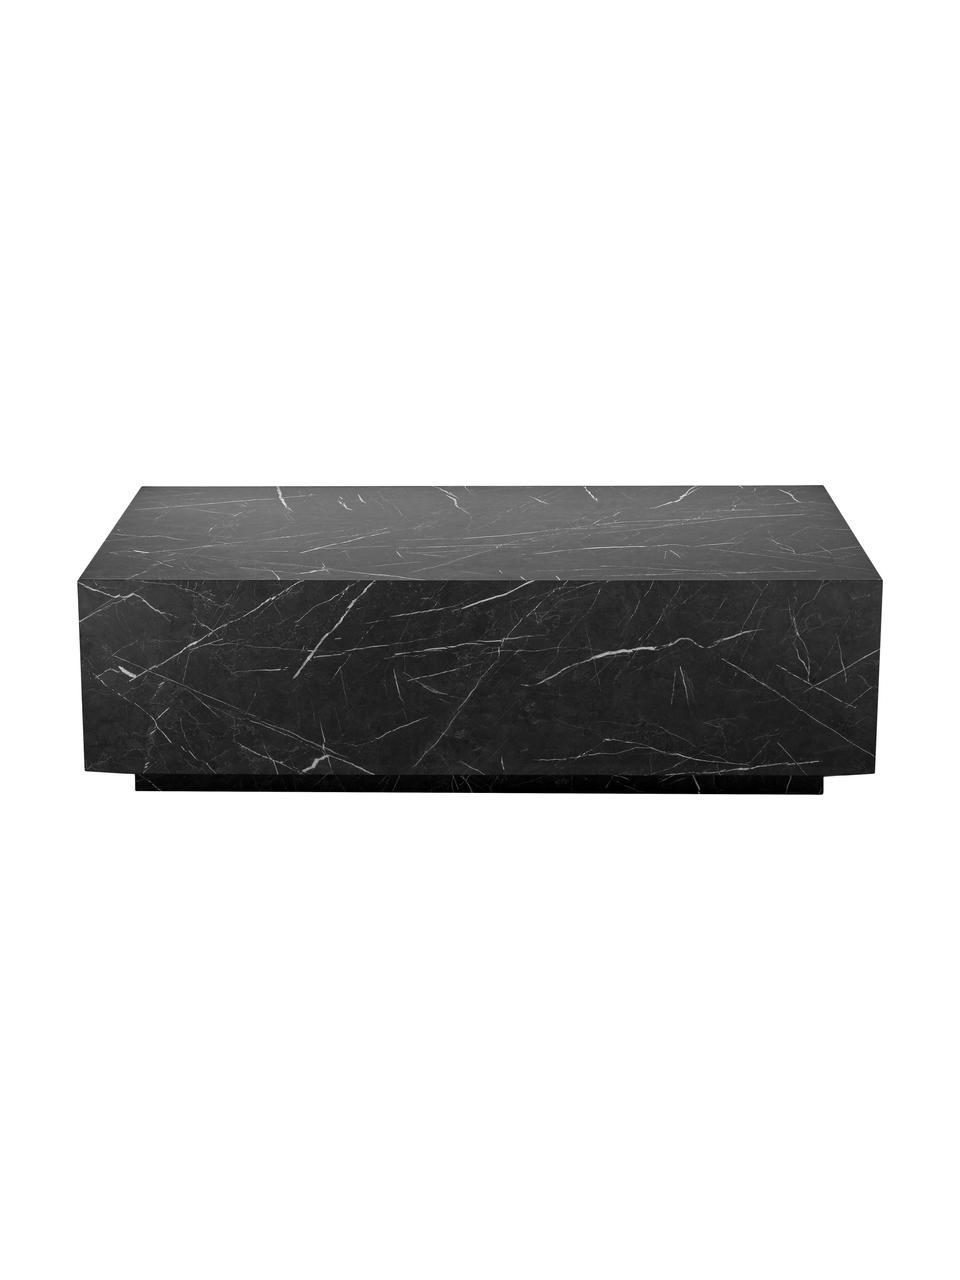 Stolik kawowy z imitacji marmuru Lesley, Płyta pilśniowa średniej gęstości (MDF) pokryta folią melaminową, Czarny, marmurowy, błyszczący, S 120 x W 35 cm